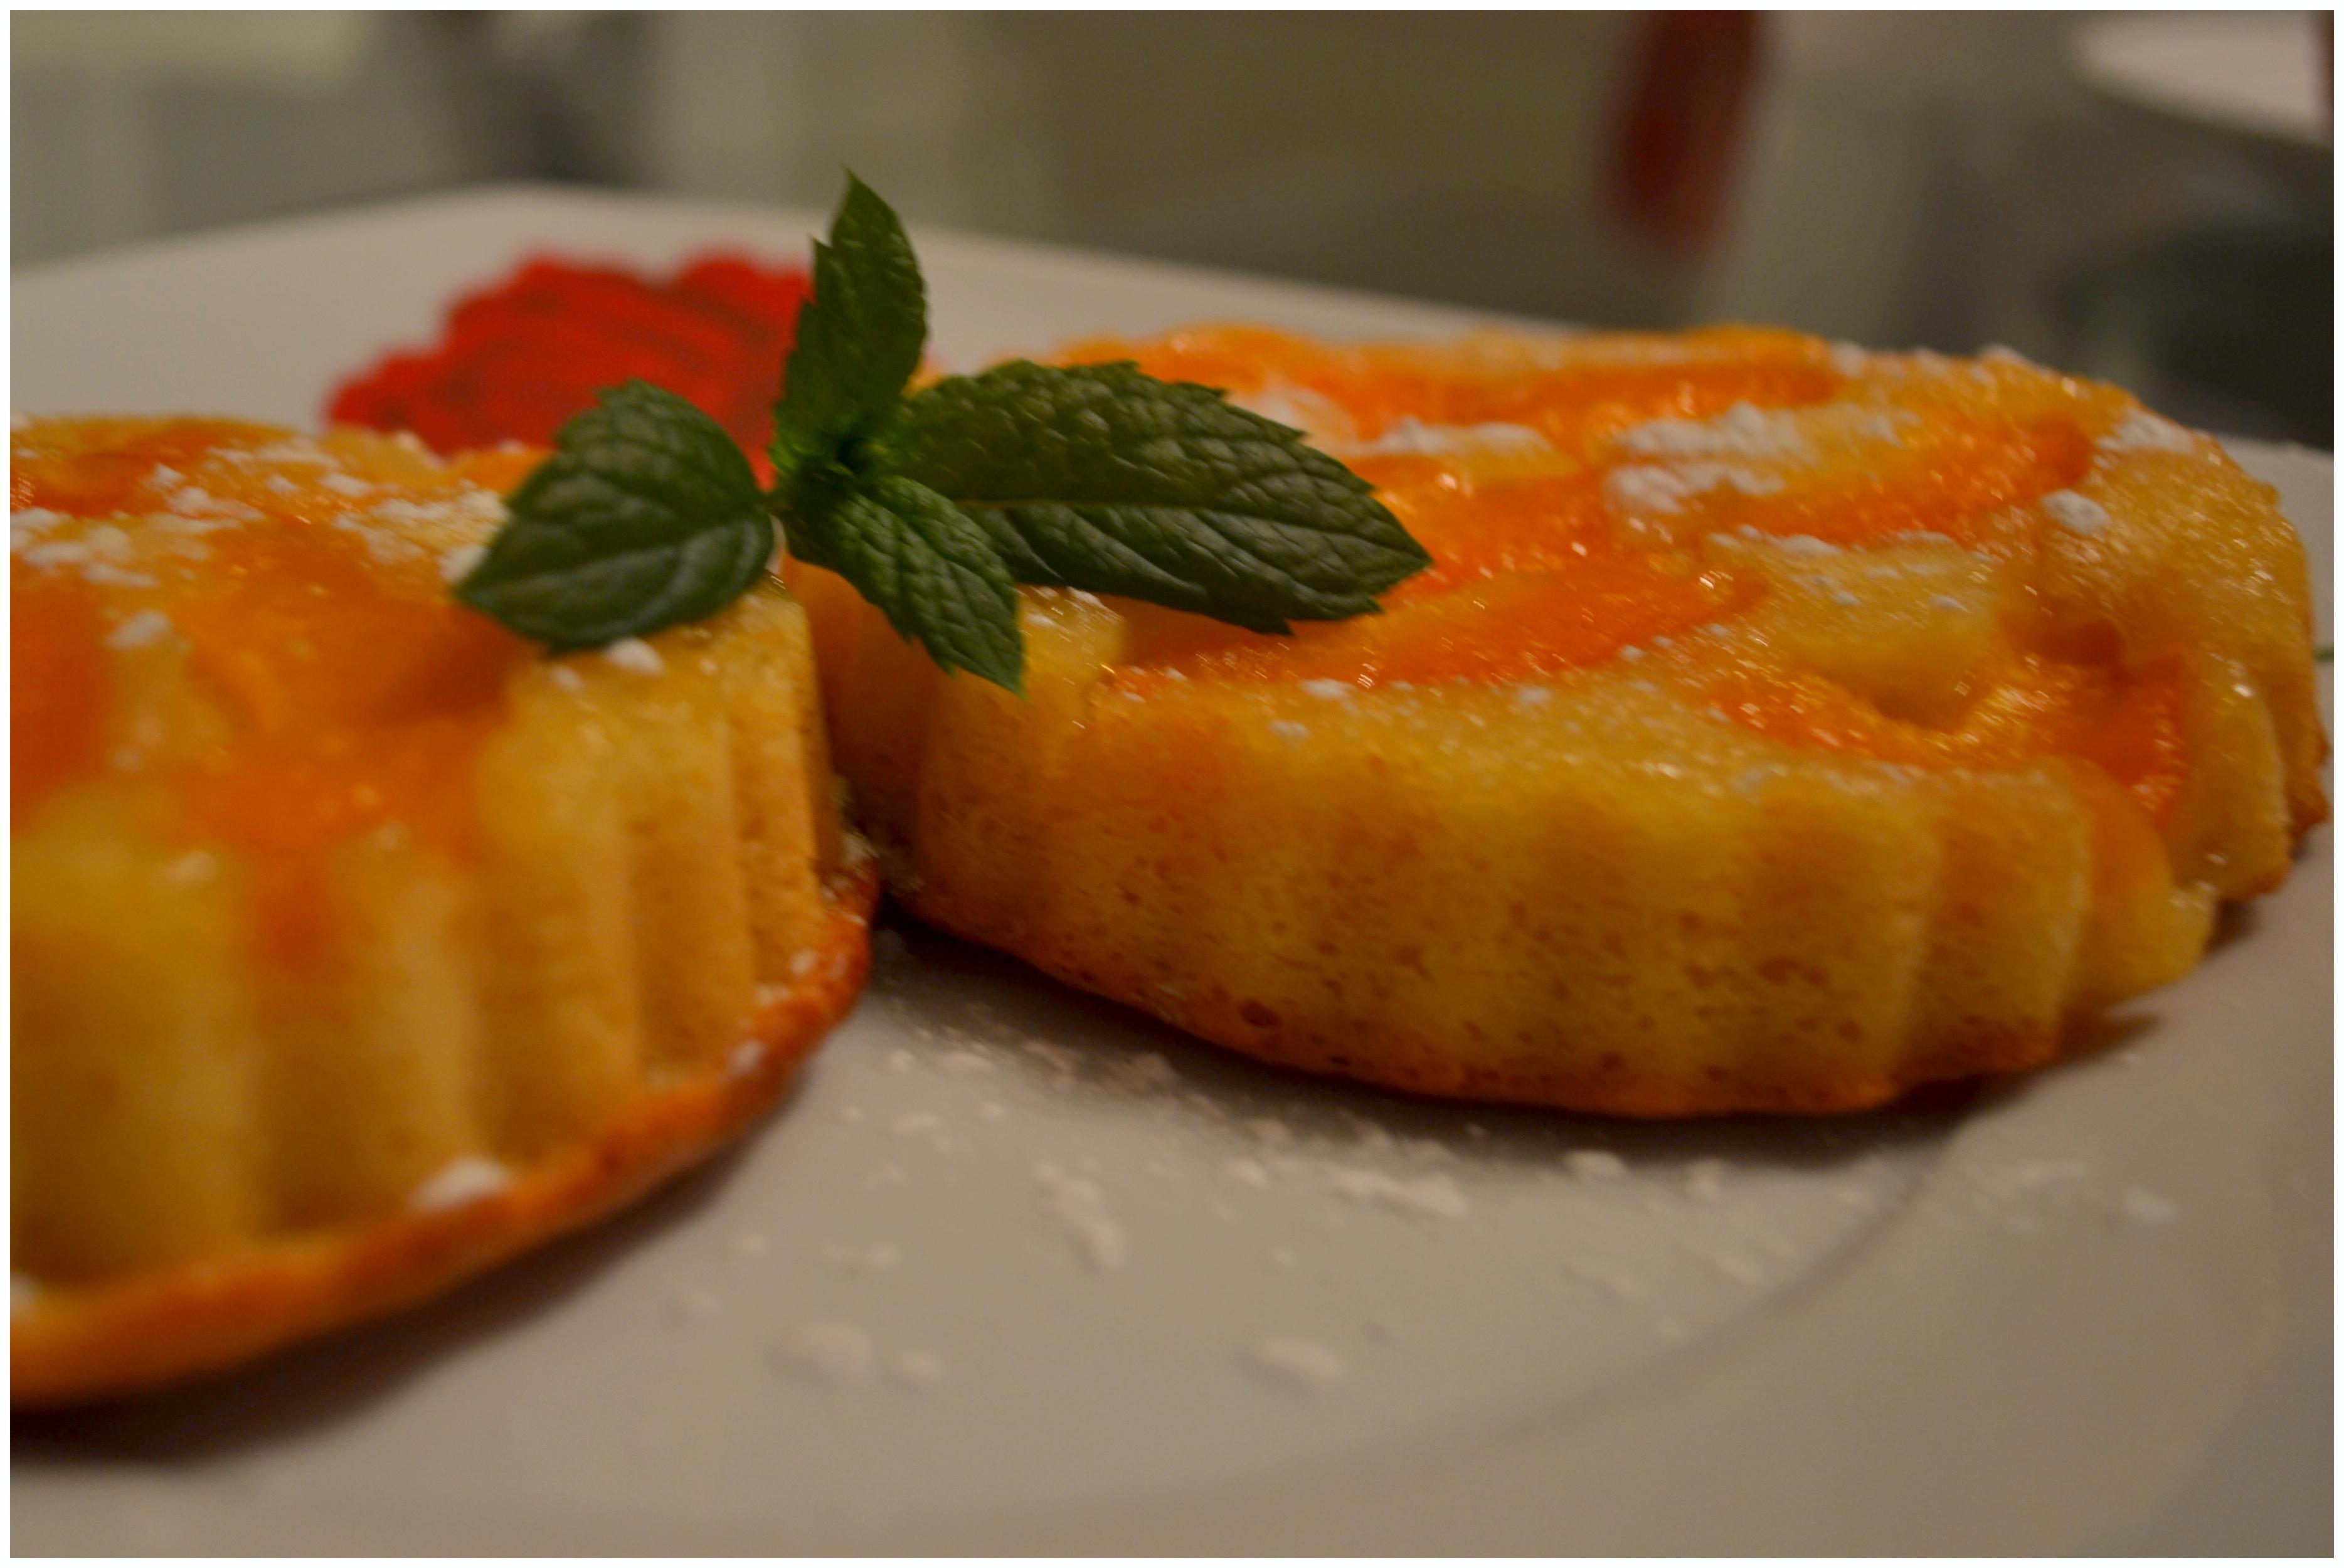 Apricot Clafoutis – No Milk Today